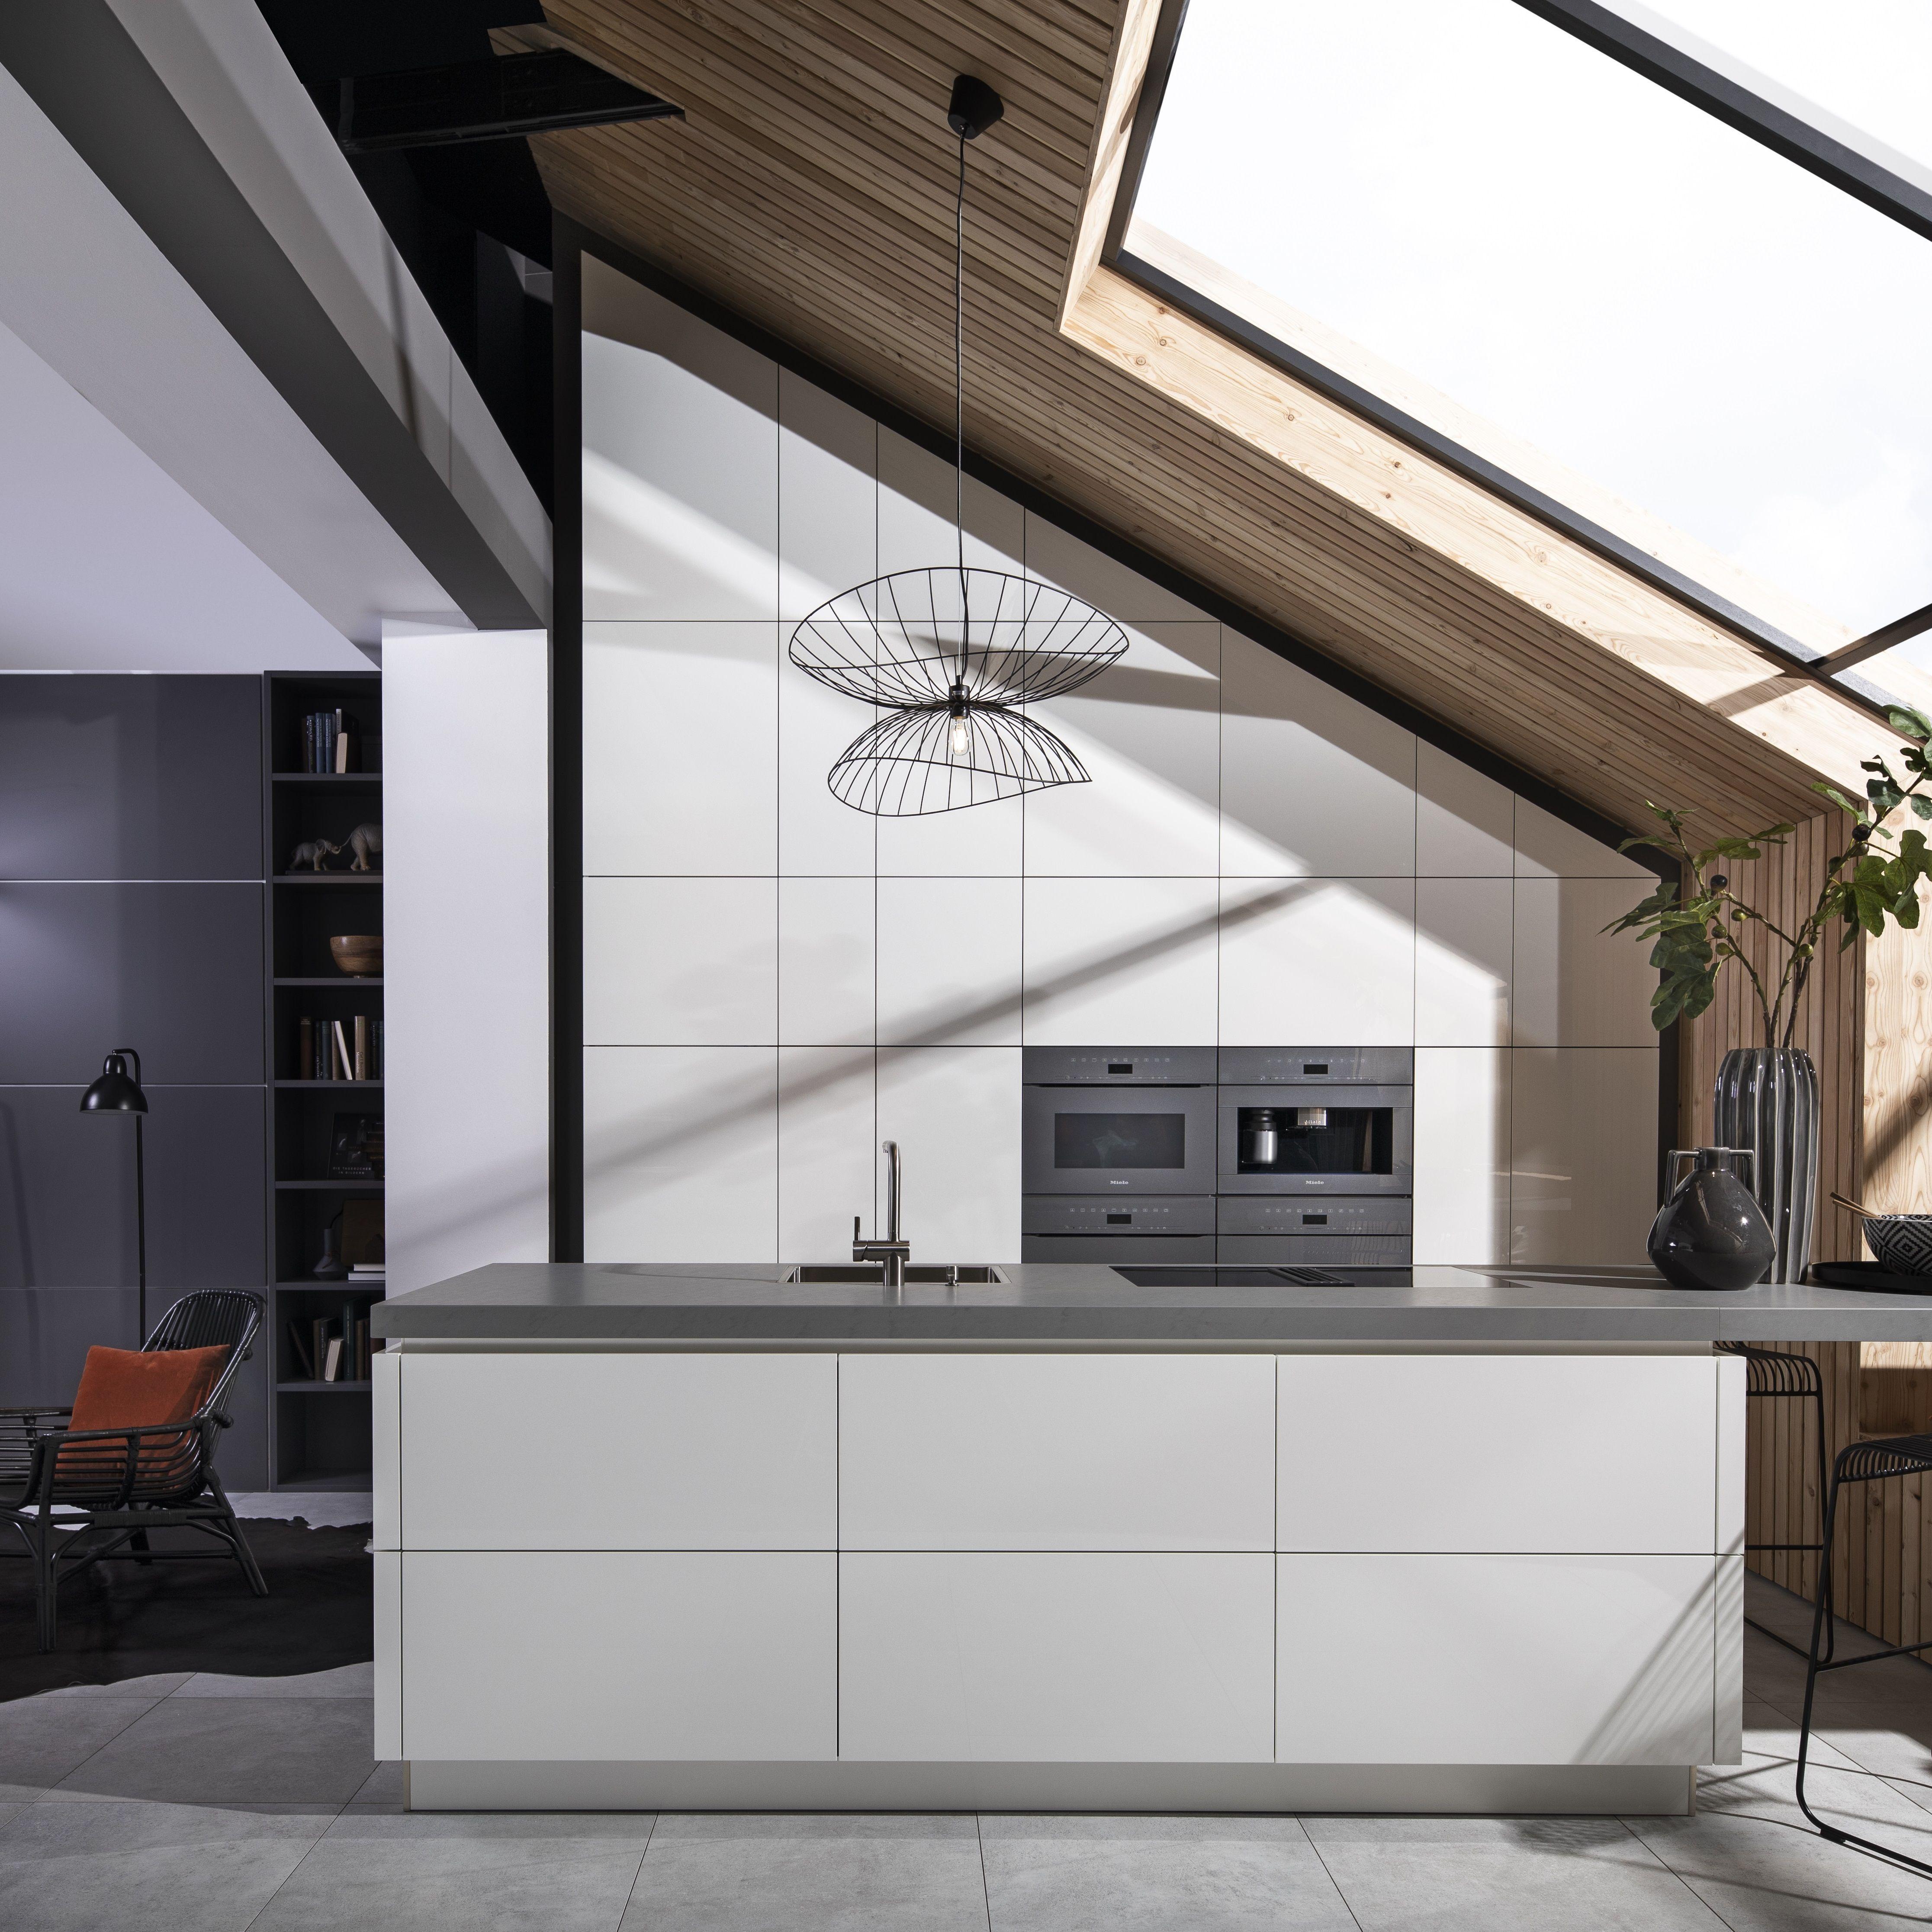 Küche OneLine. Modernes, puristisches Design  Küche dachschräge